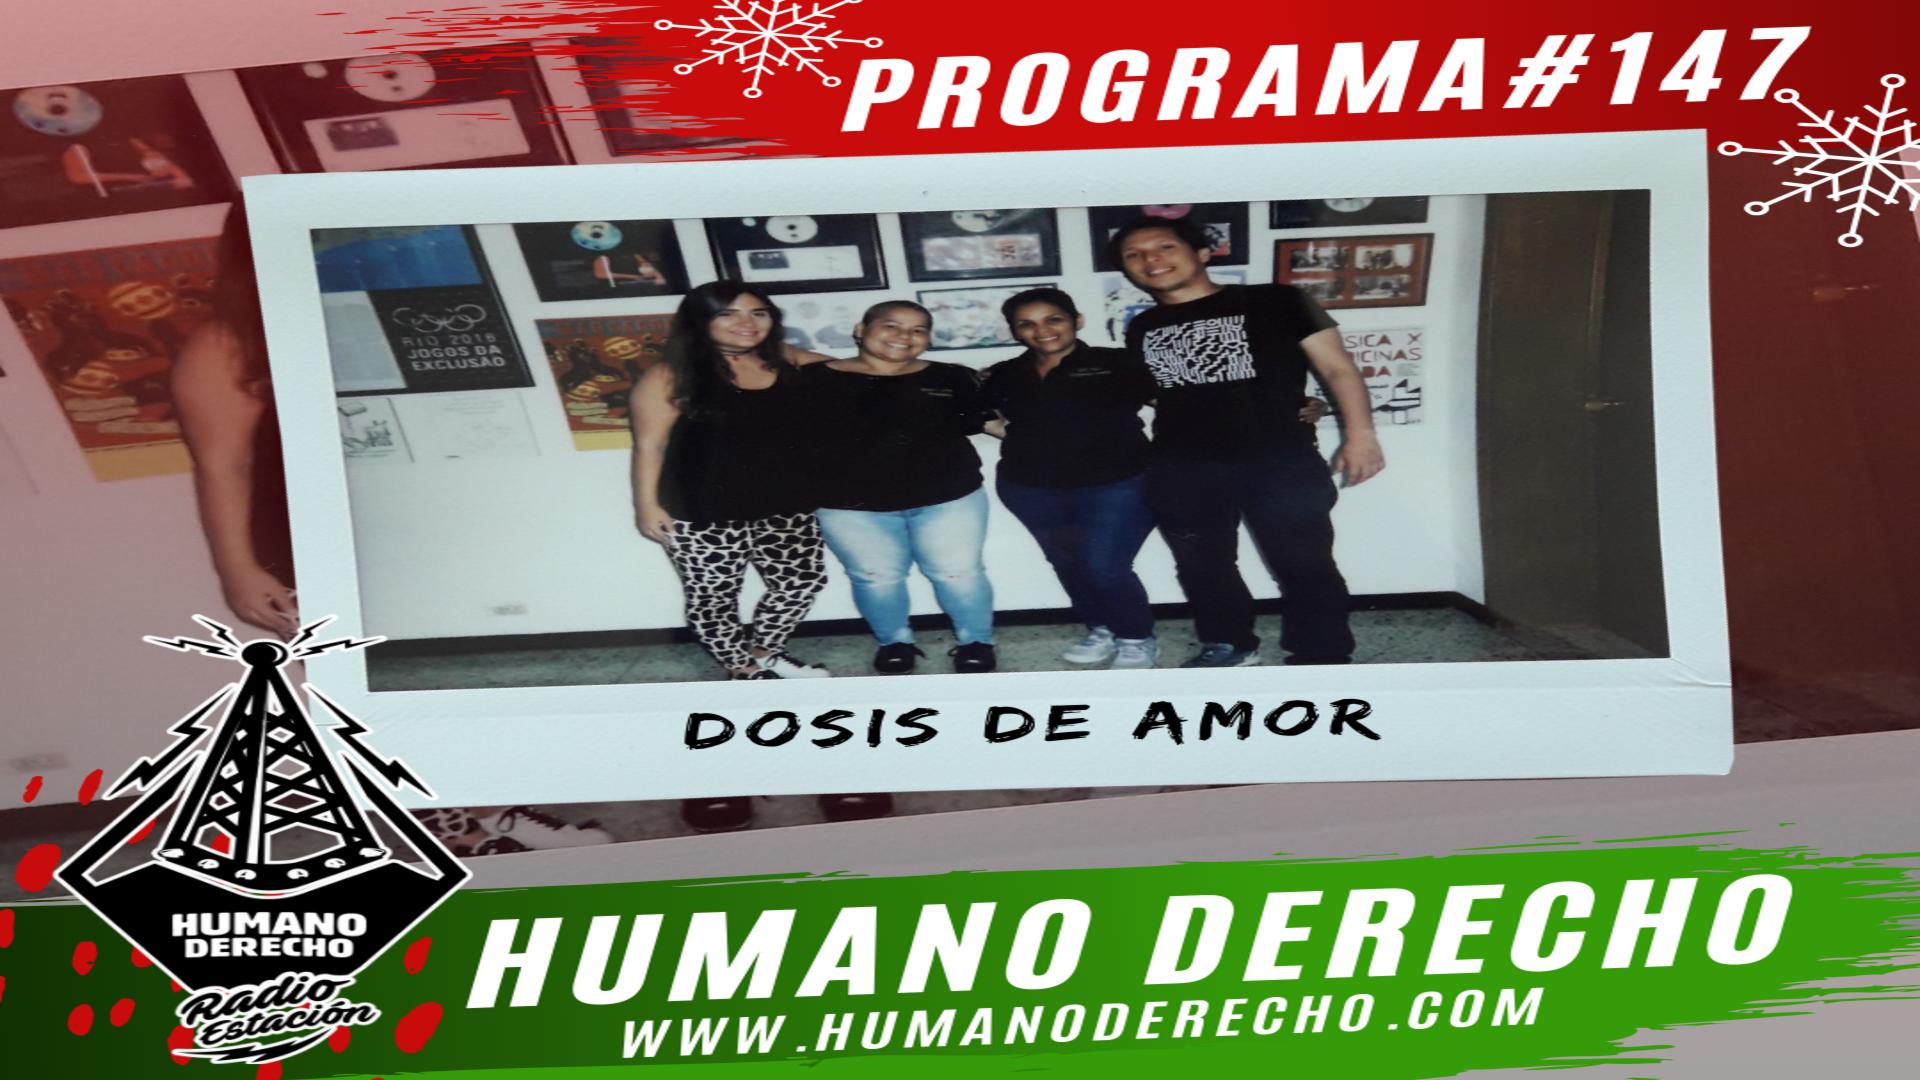 Humano Derecho #146 con Rossy Liccioni y Zulay Muñoz miembros de Dosis de Amor